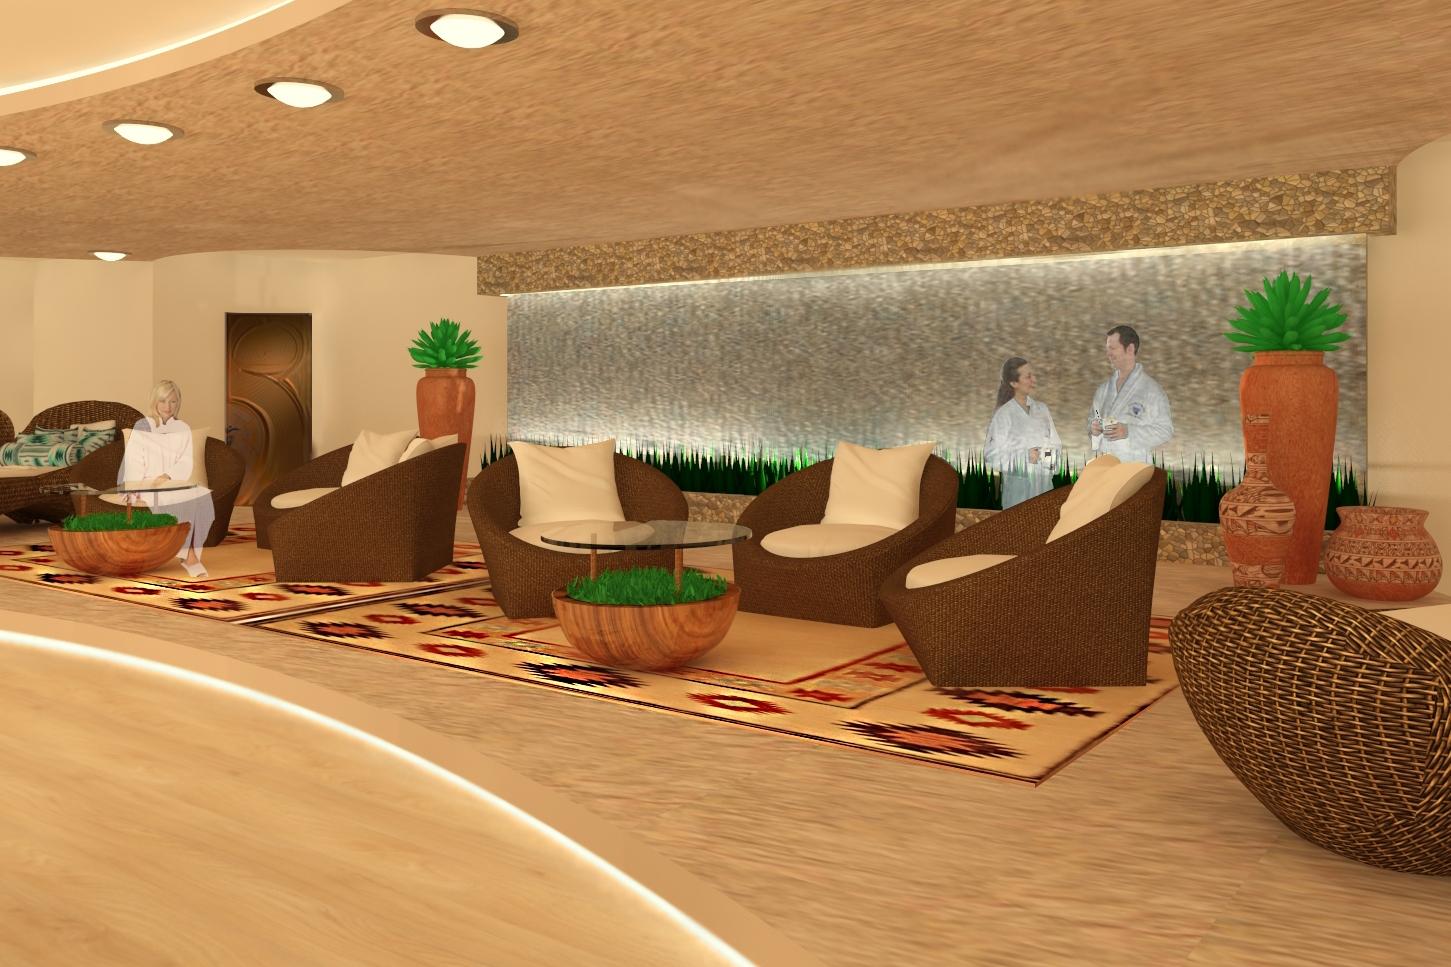 Sedona Spa - Relaxation Room -Sedona, AZ